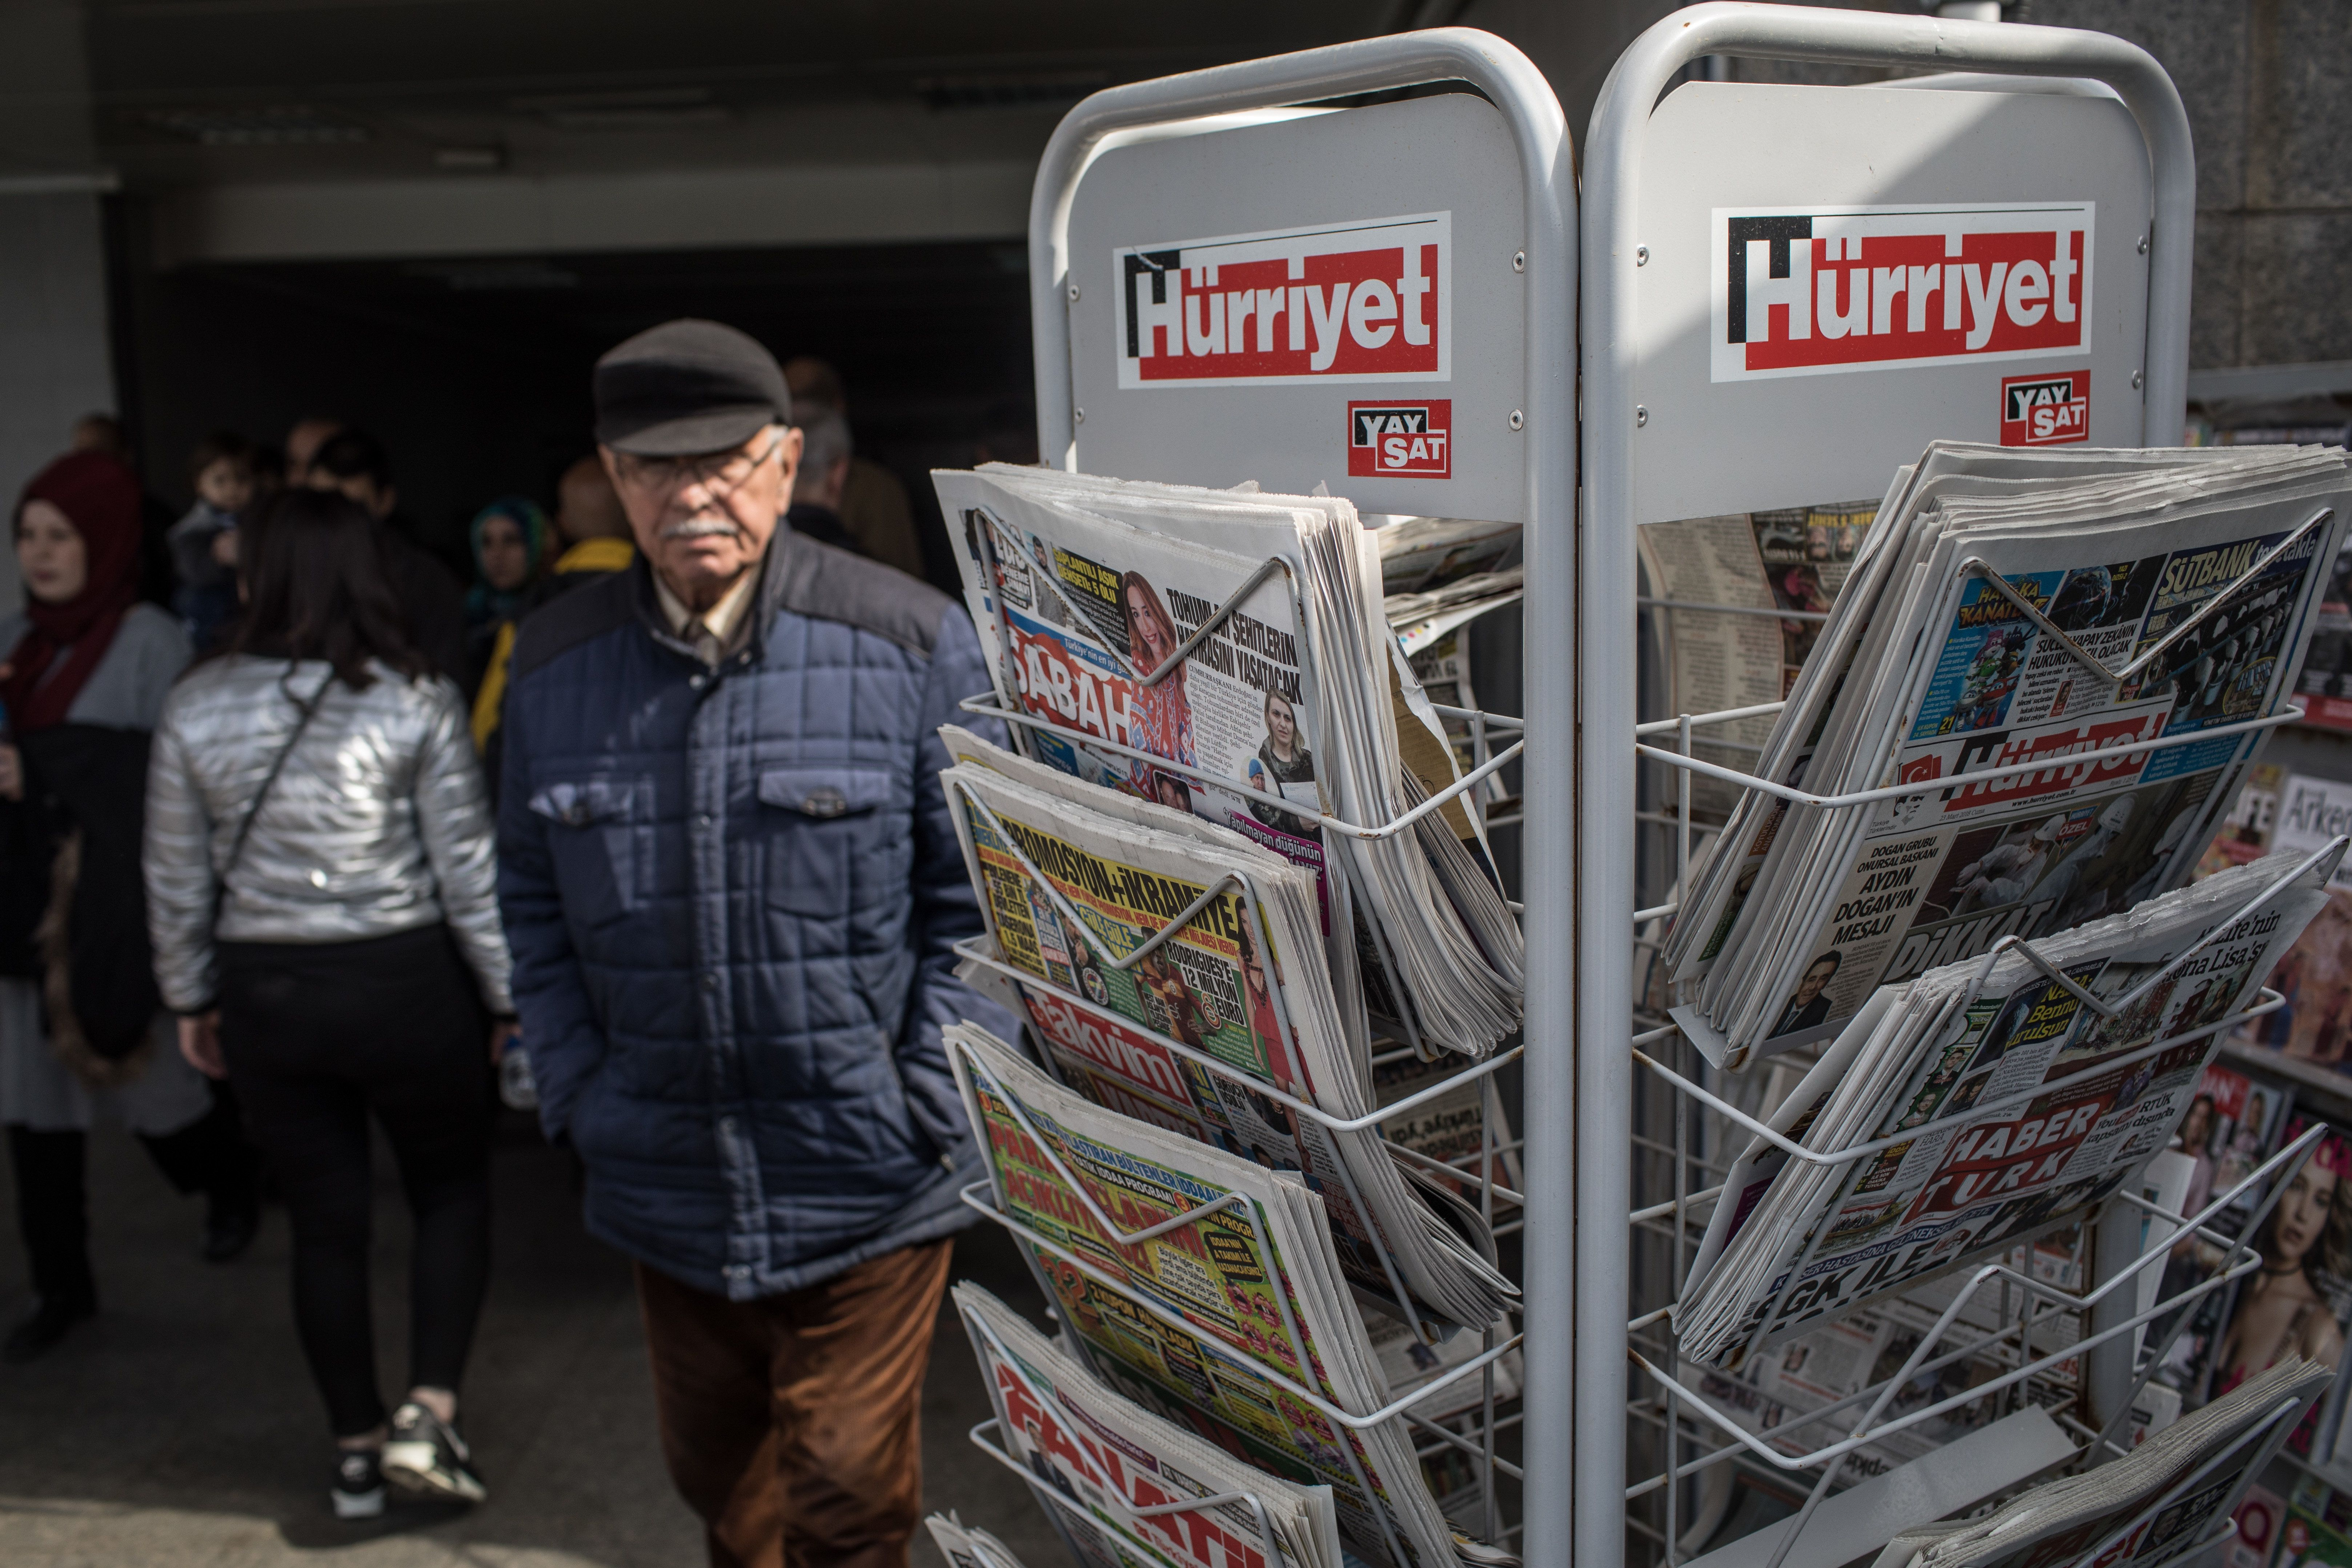 DW: Χαριστική βολή στην ελευθερία του Τύπου στην Τουρκία η πώληση του